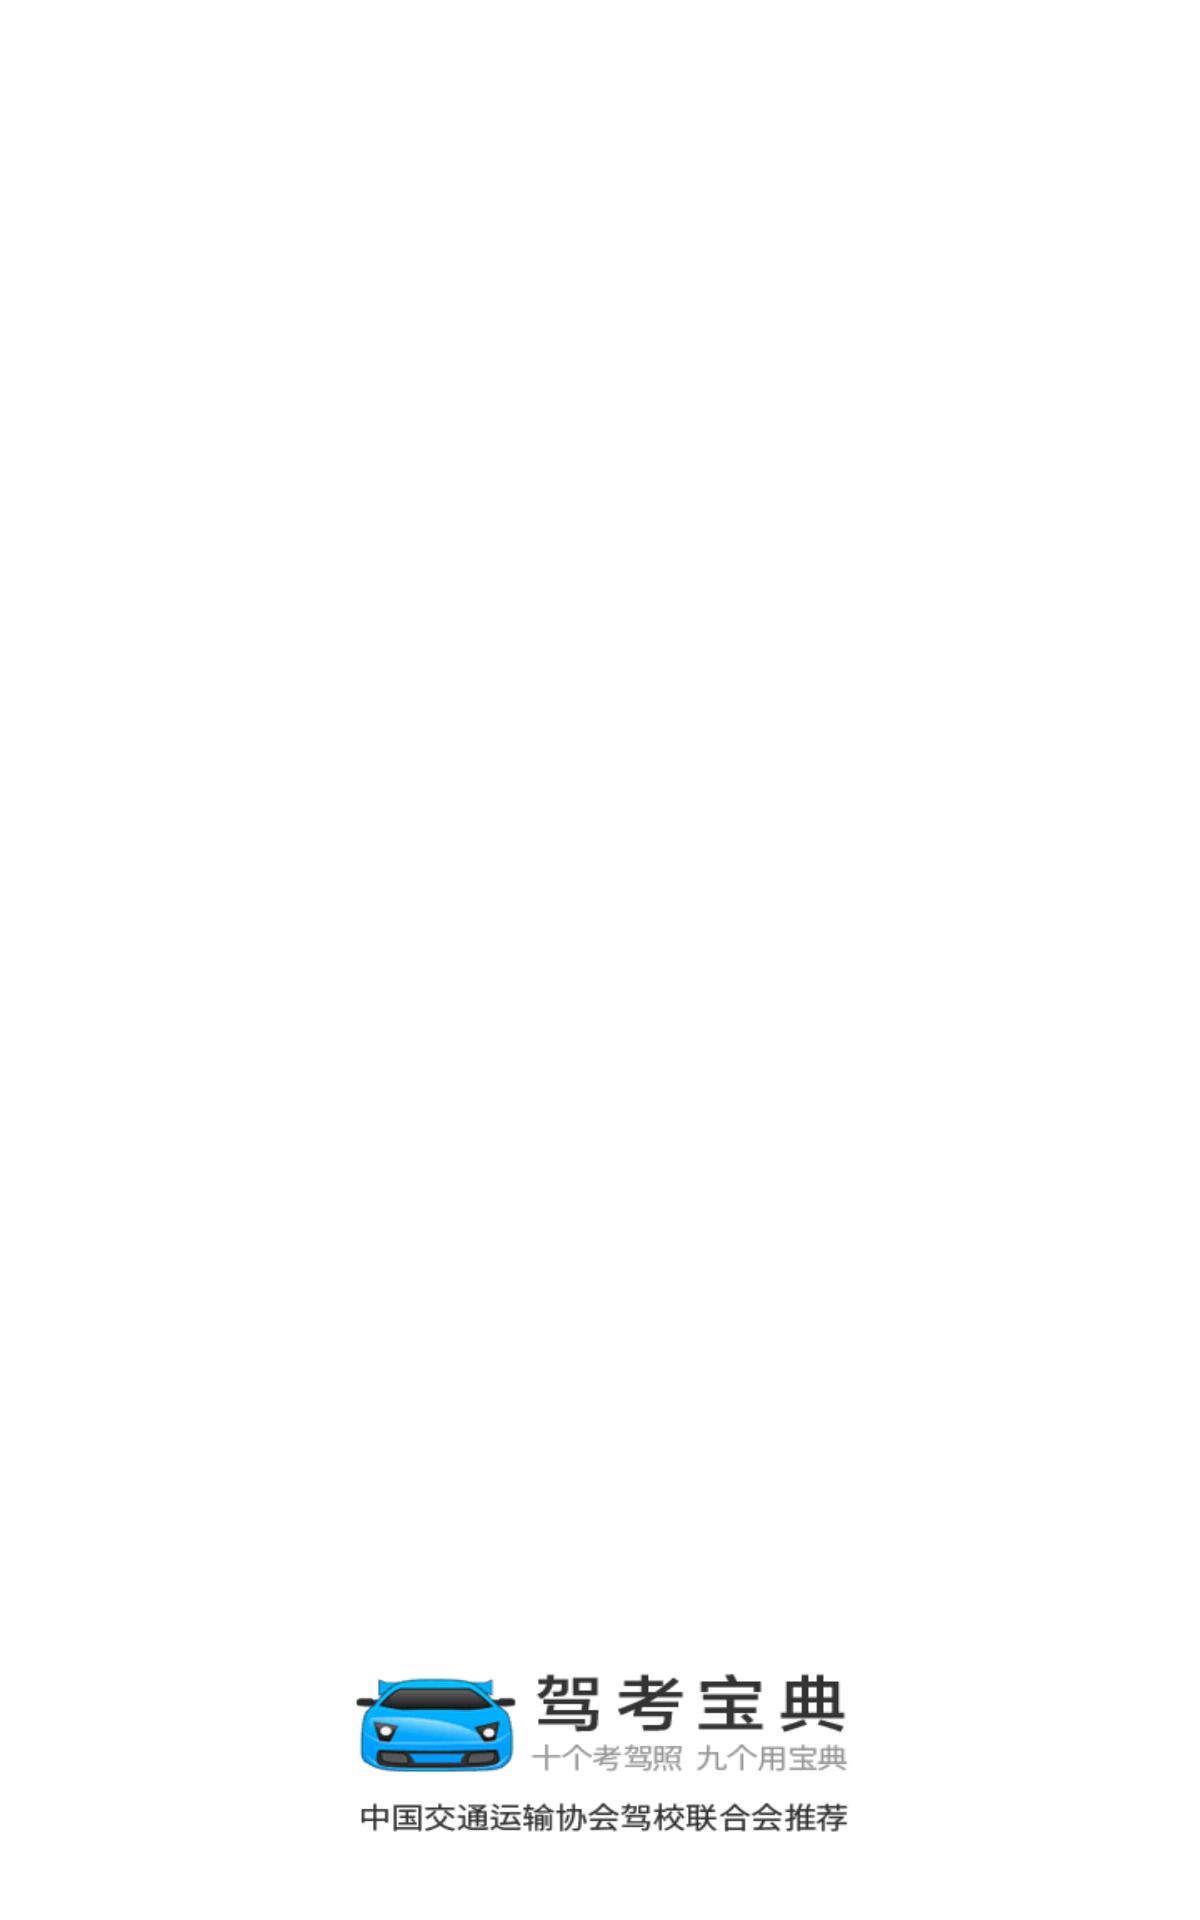 【考核】驾考宝典v6.9.9